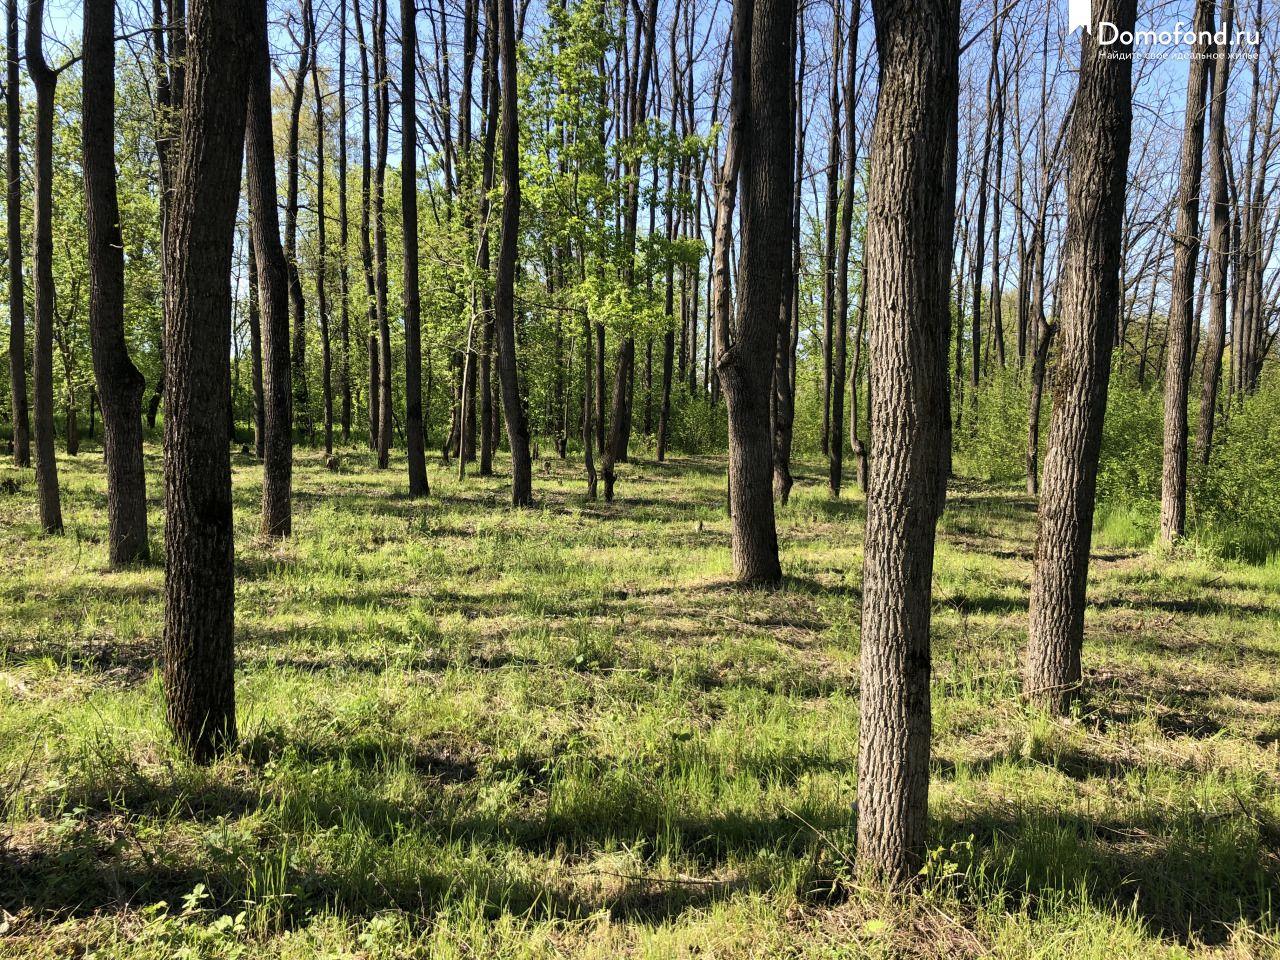 краснодар лесопарк хомуты фото картинки, которых